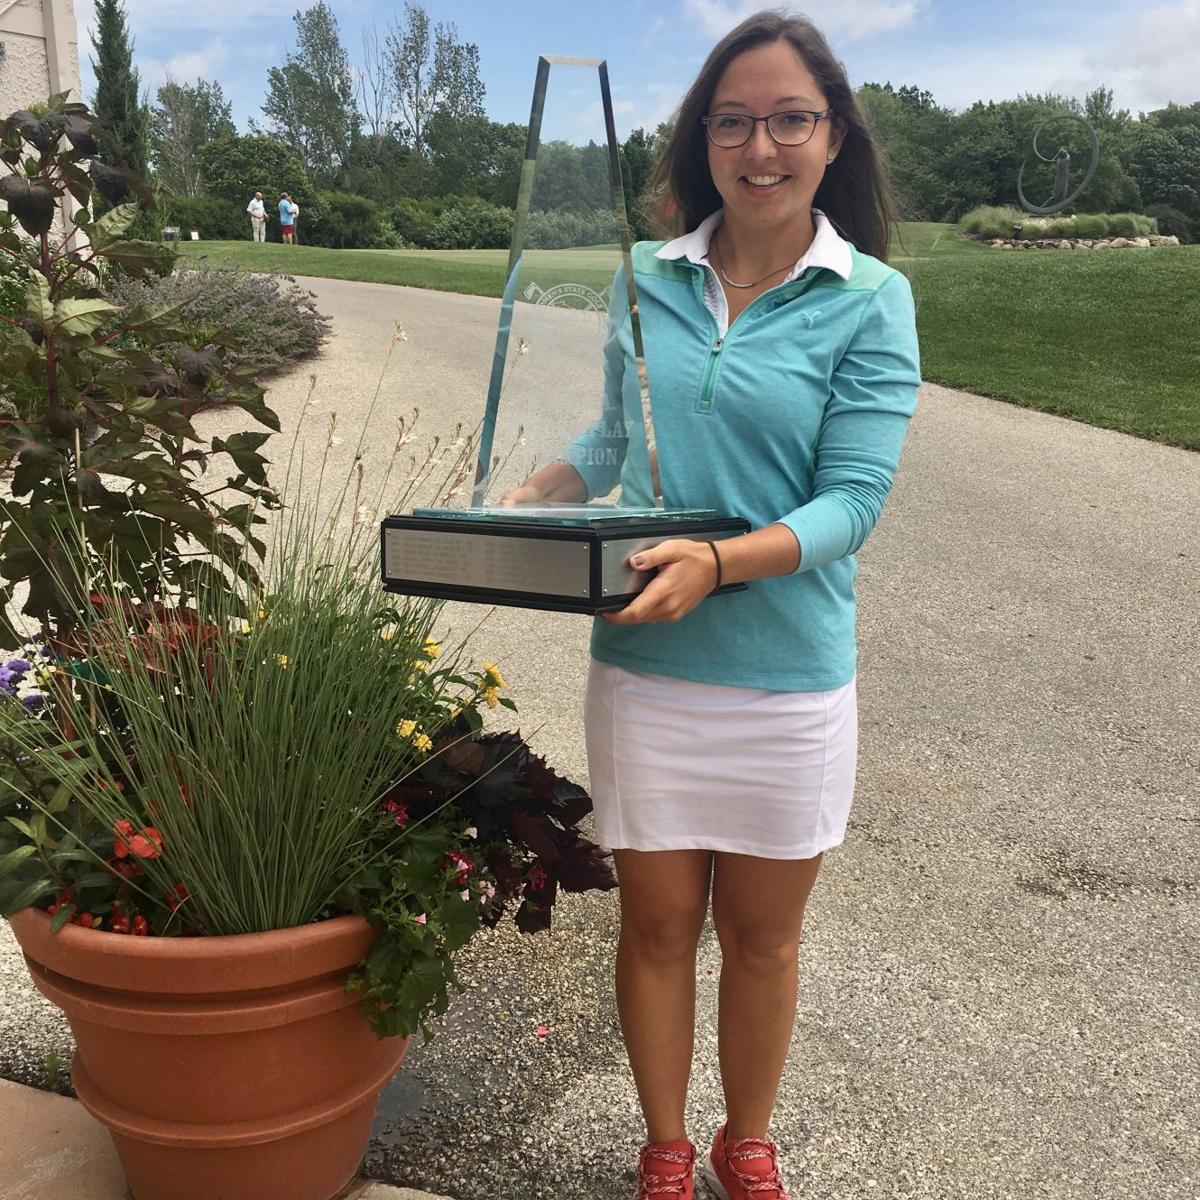 Oconomowoc GC, SentryWorld GC in Stevens Point, The Beloit Club poised to host WWSGA women's golf majors in 2018